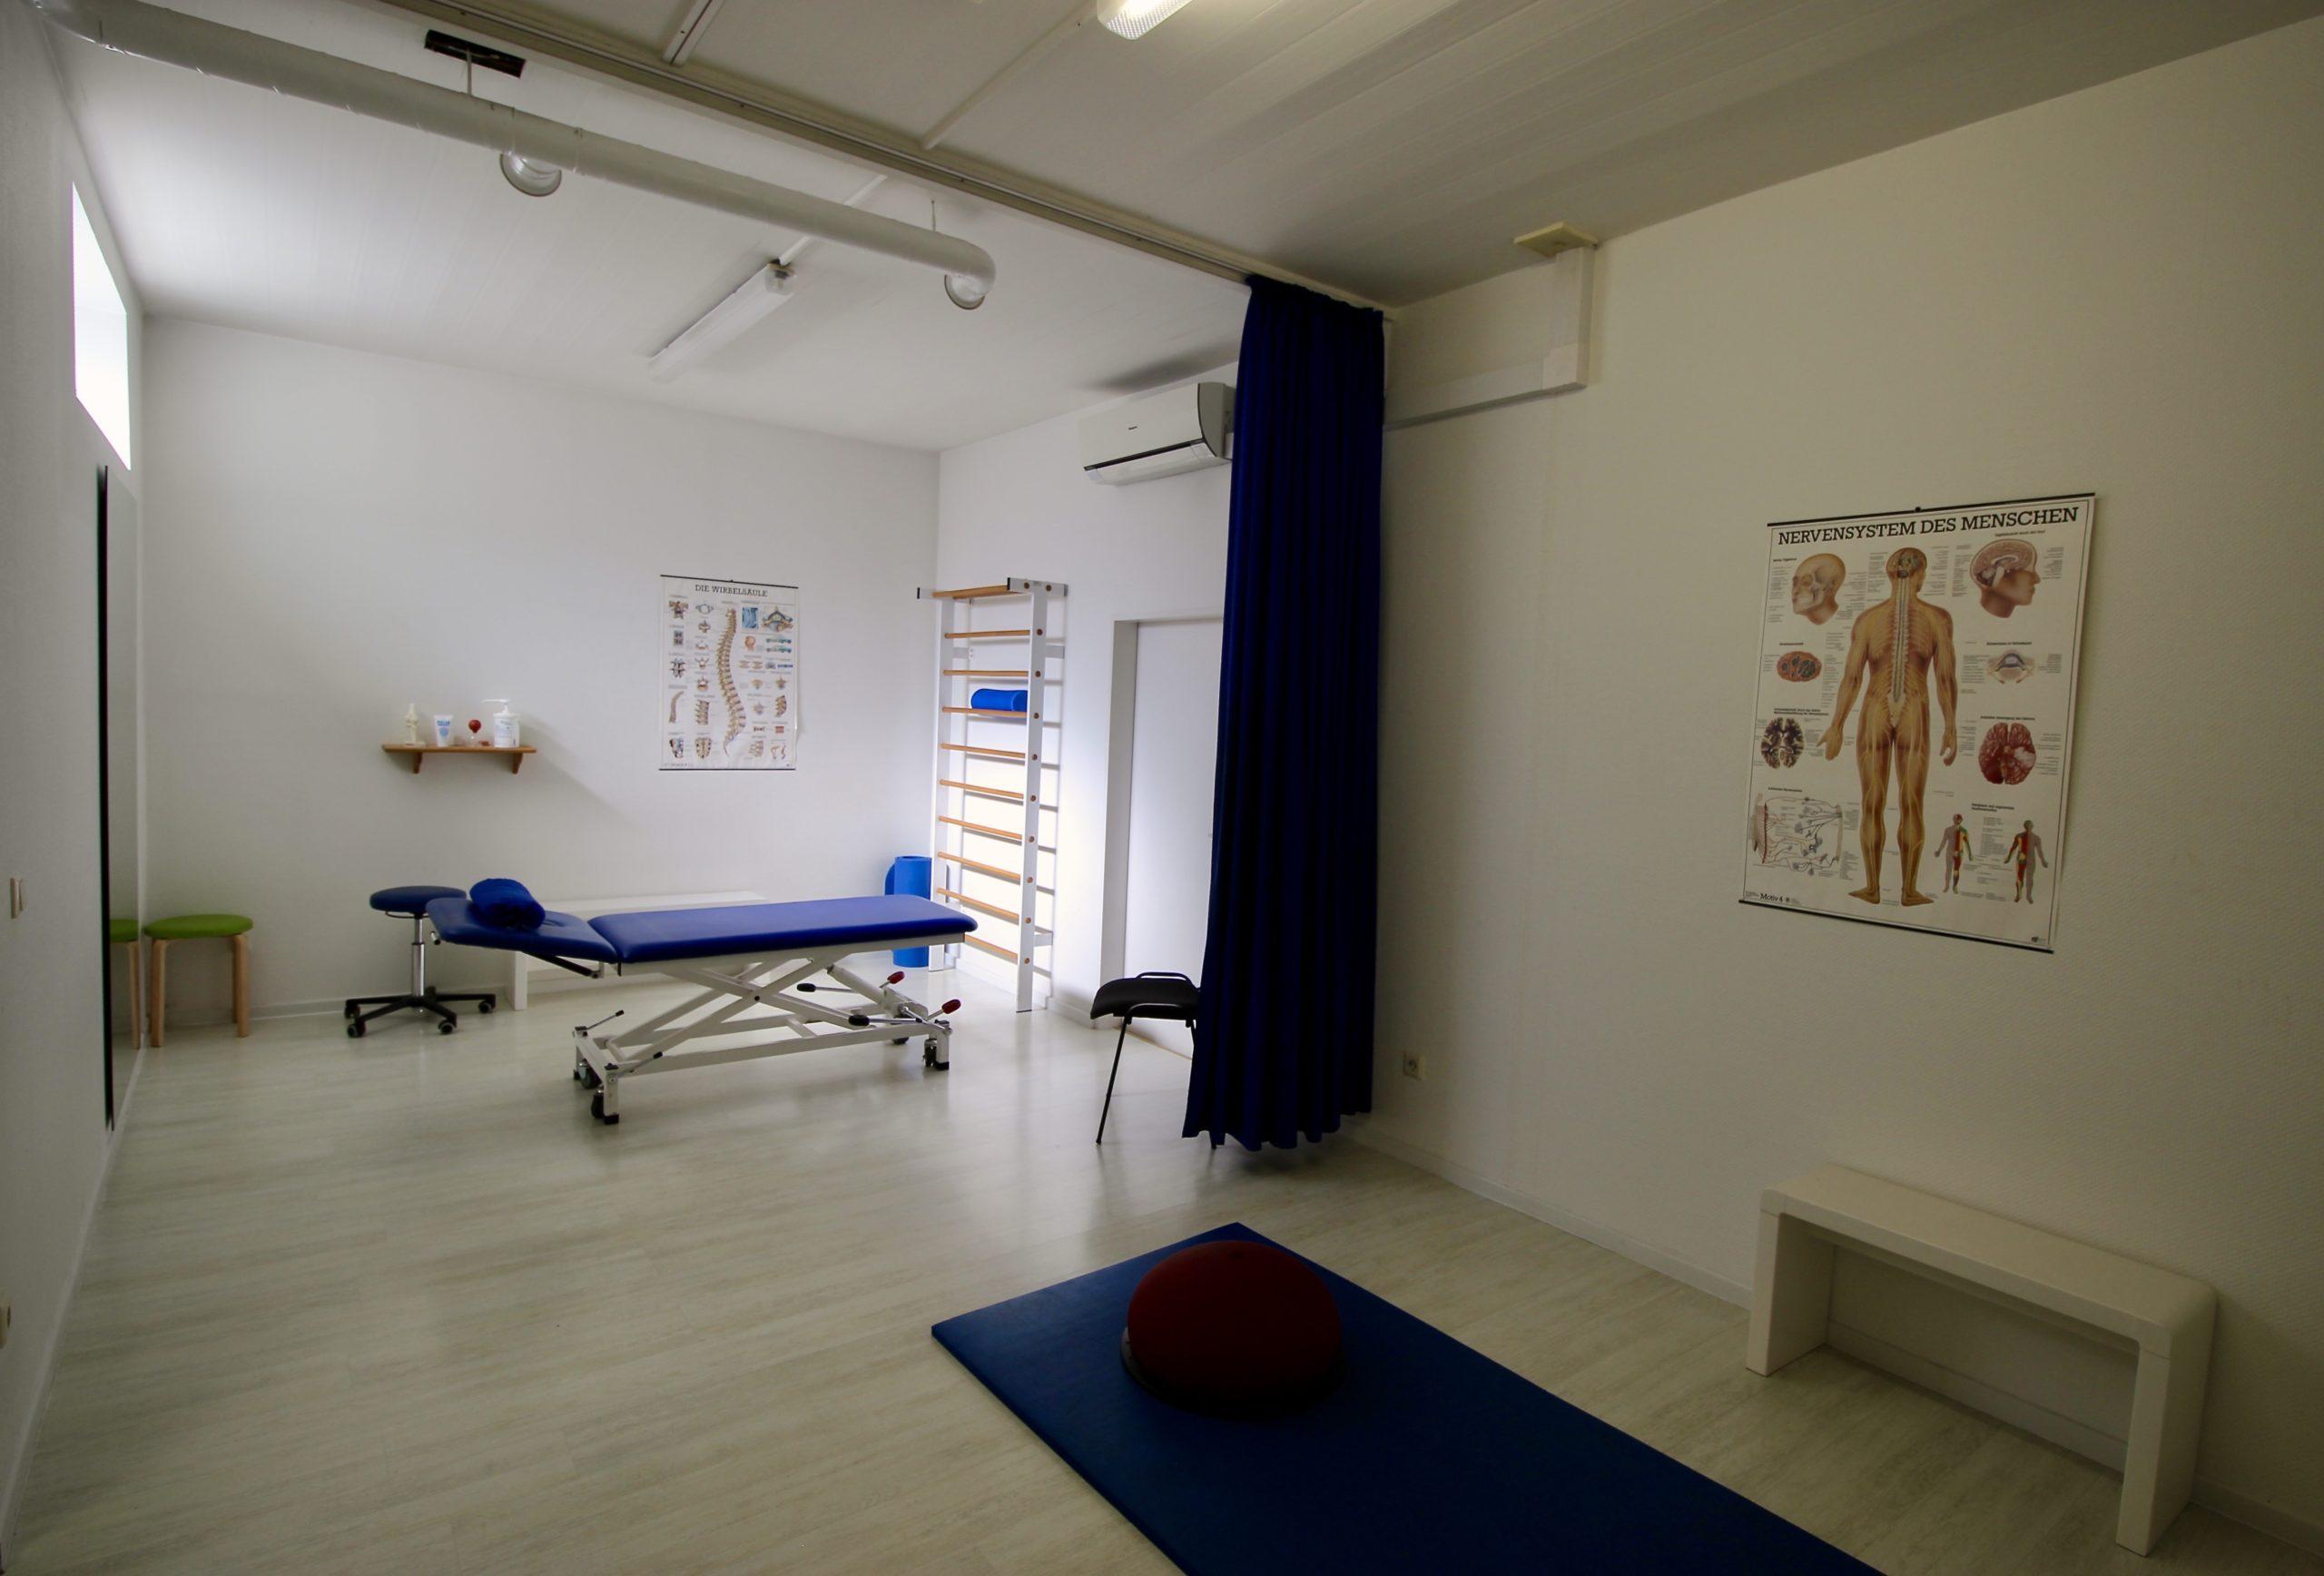 Ein Therapieraum mit Liege, Matte und diversen Geräten für die Einzel- und Gruppentherapie in der Physiotherapiepraxis Hinkämper-Kreul